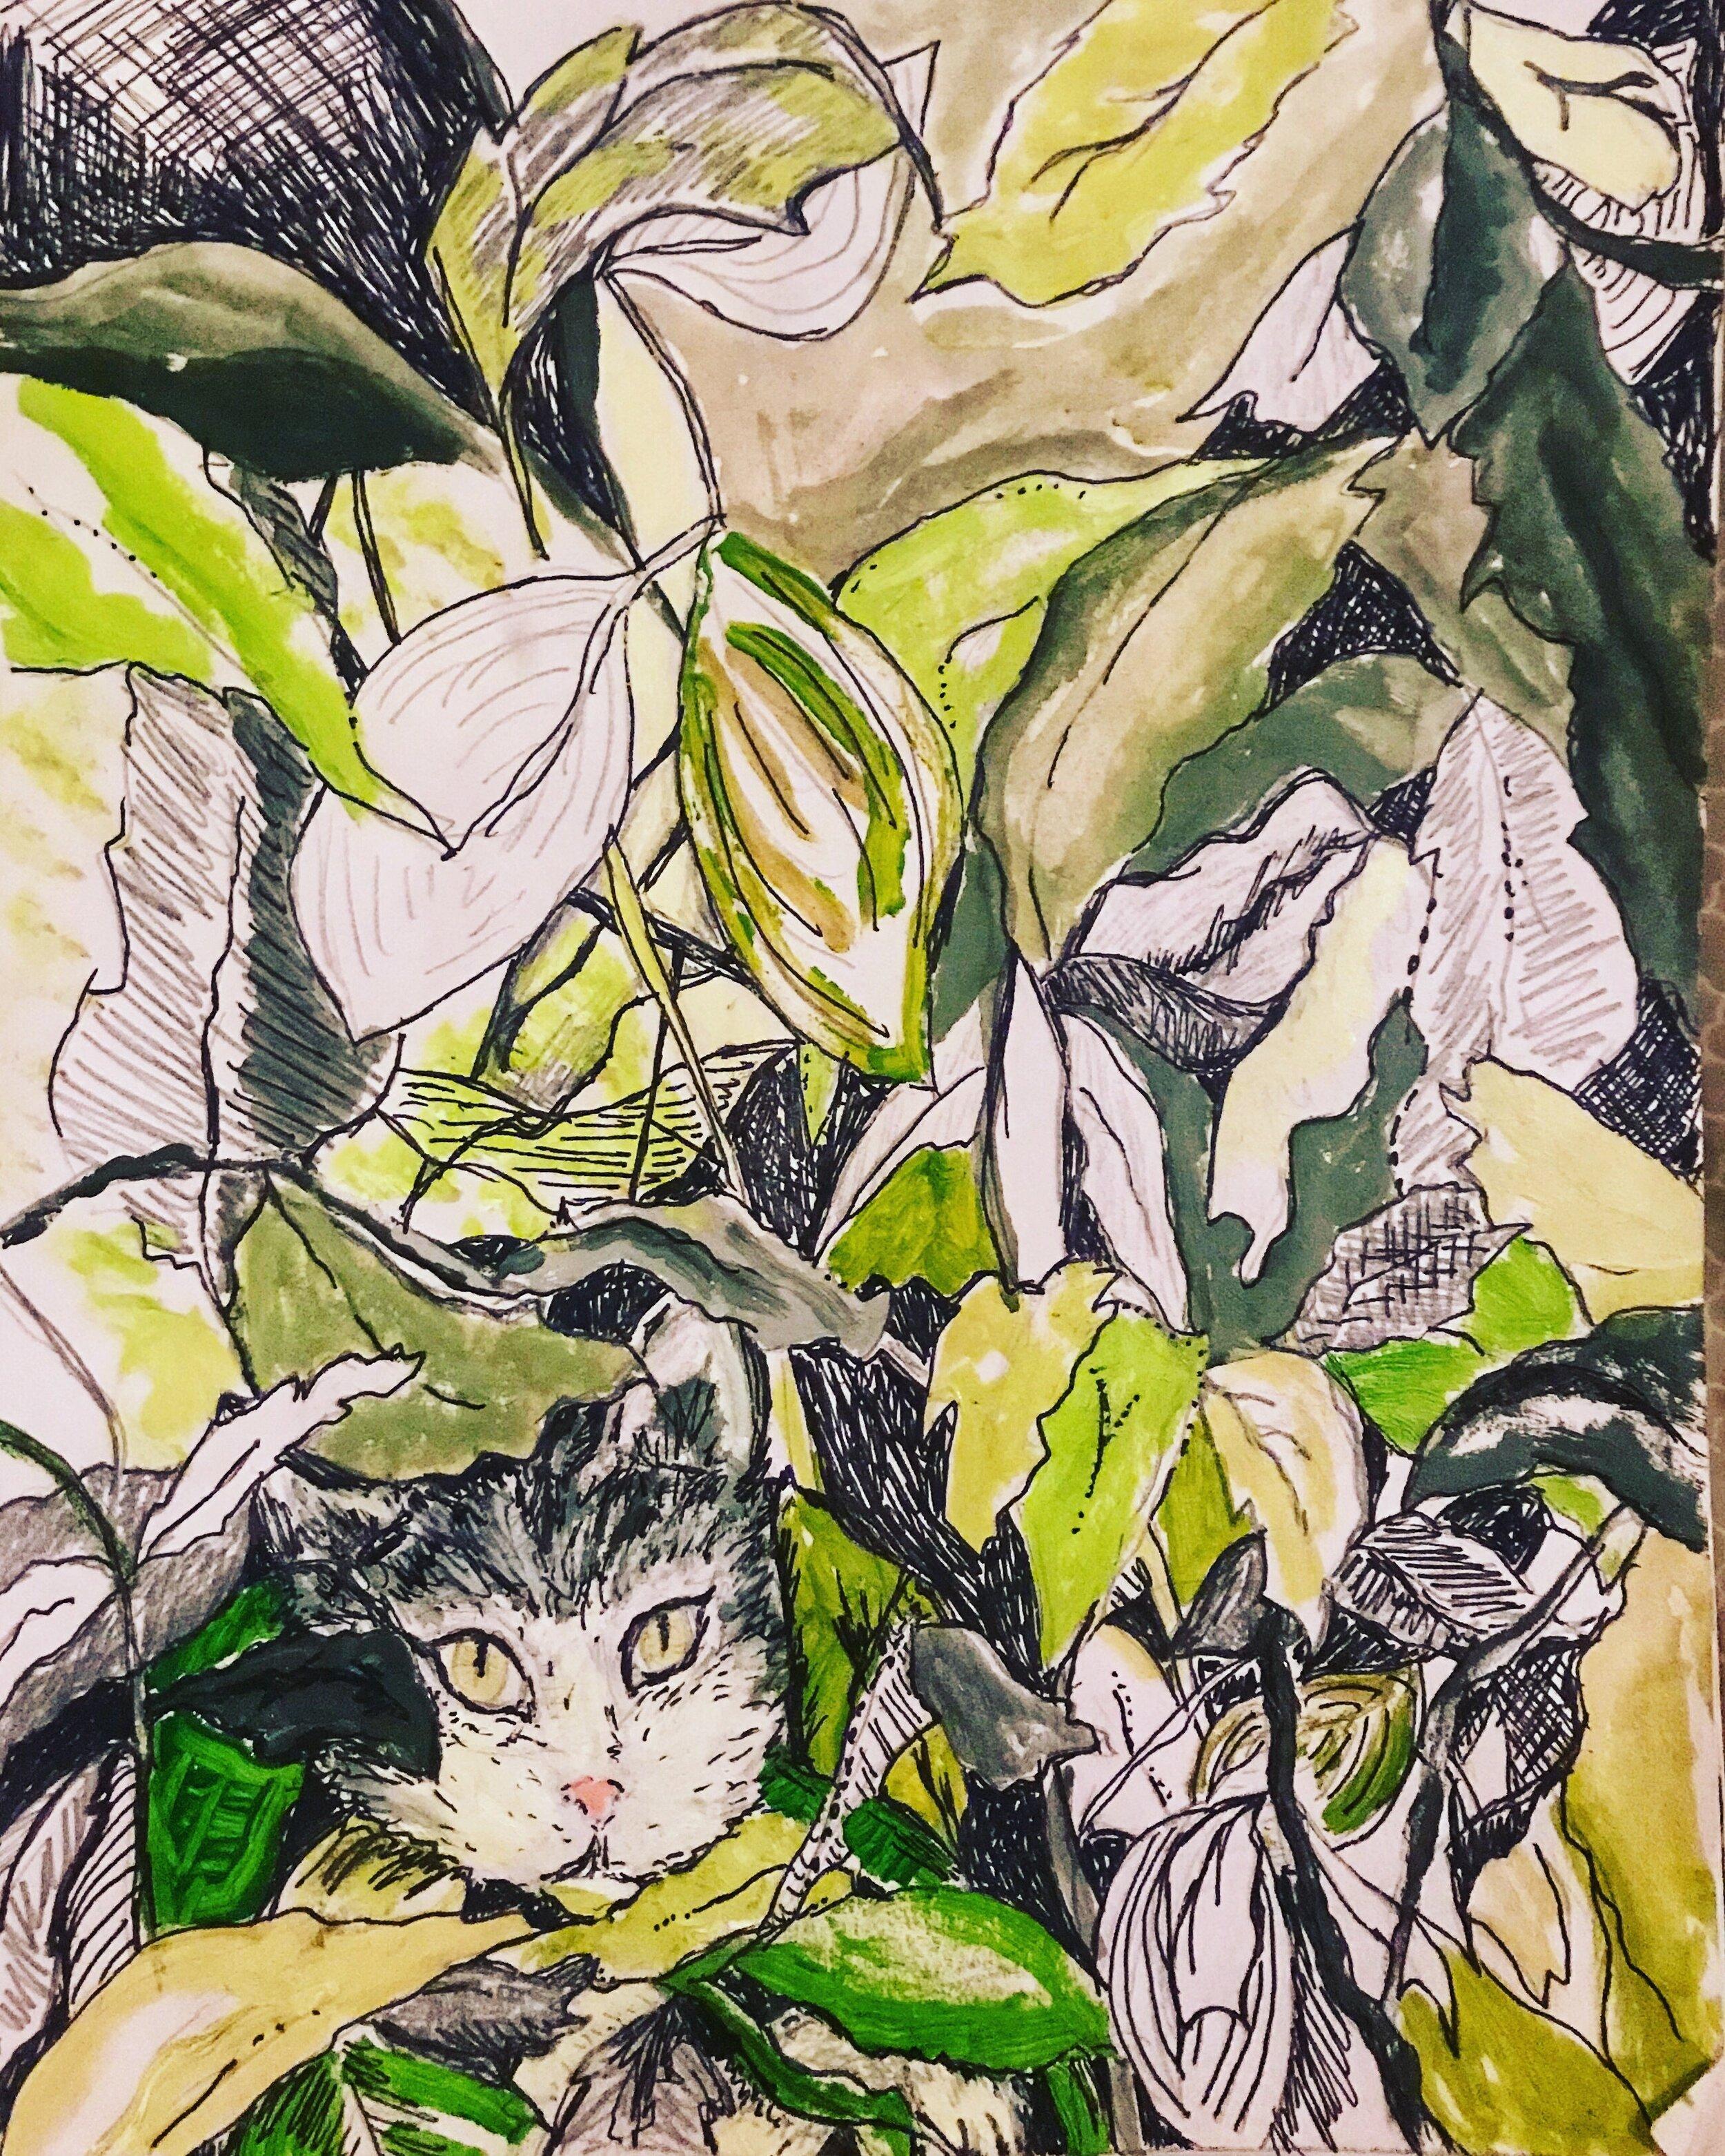 Indoor Cat 9x12 Mixed Media